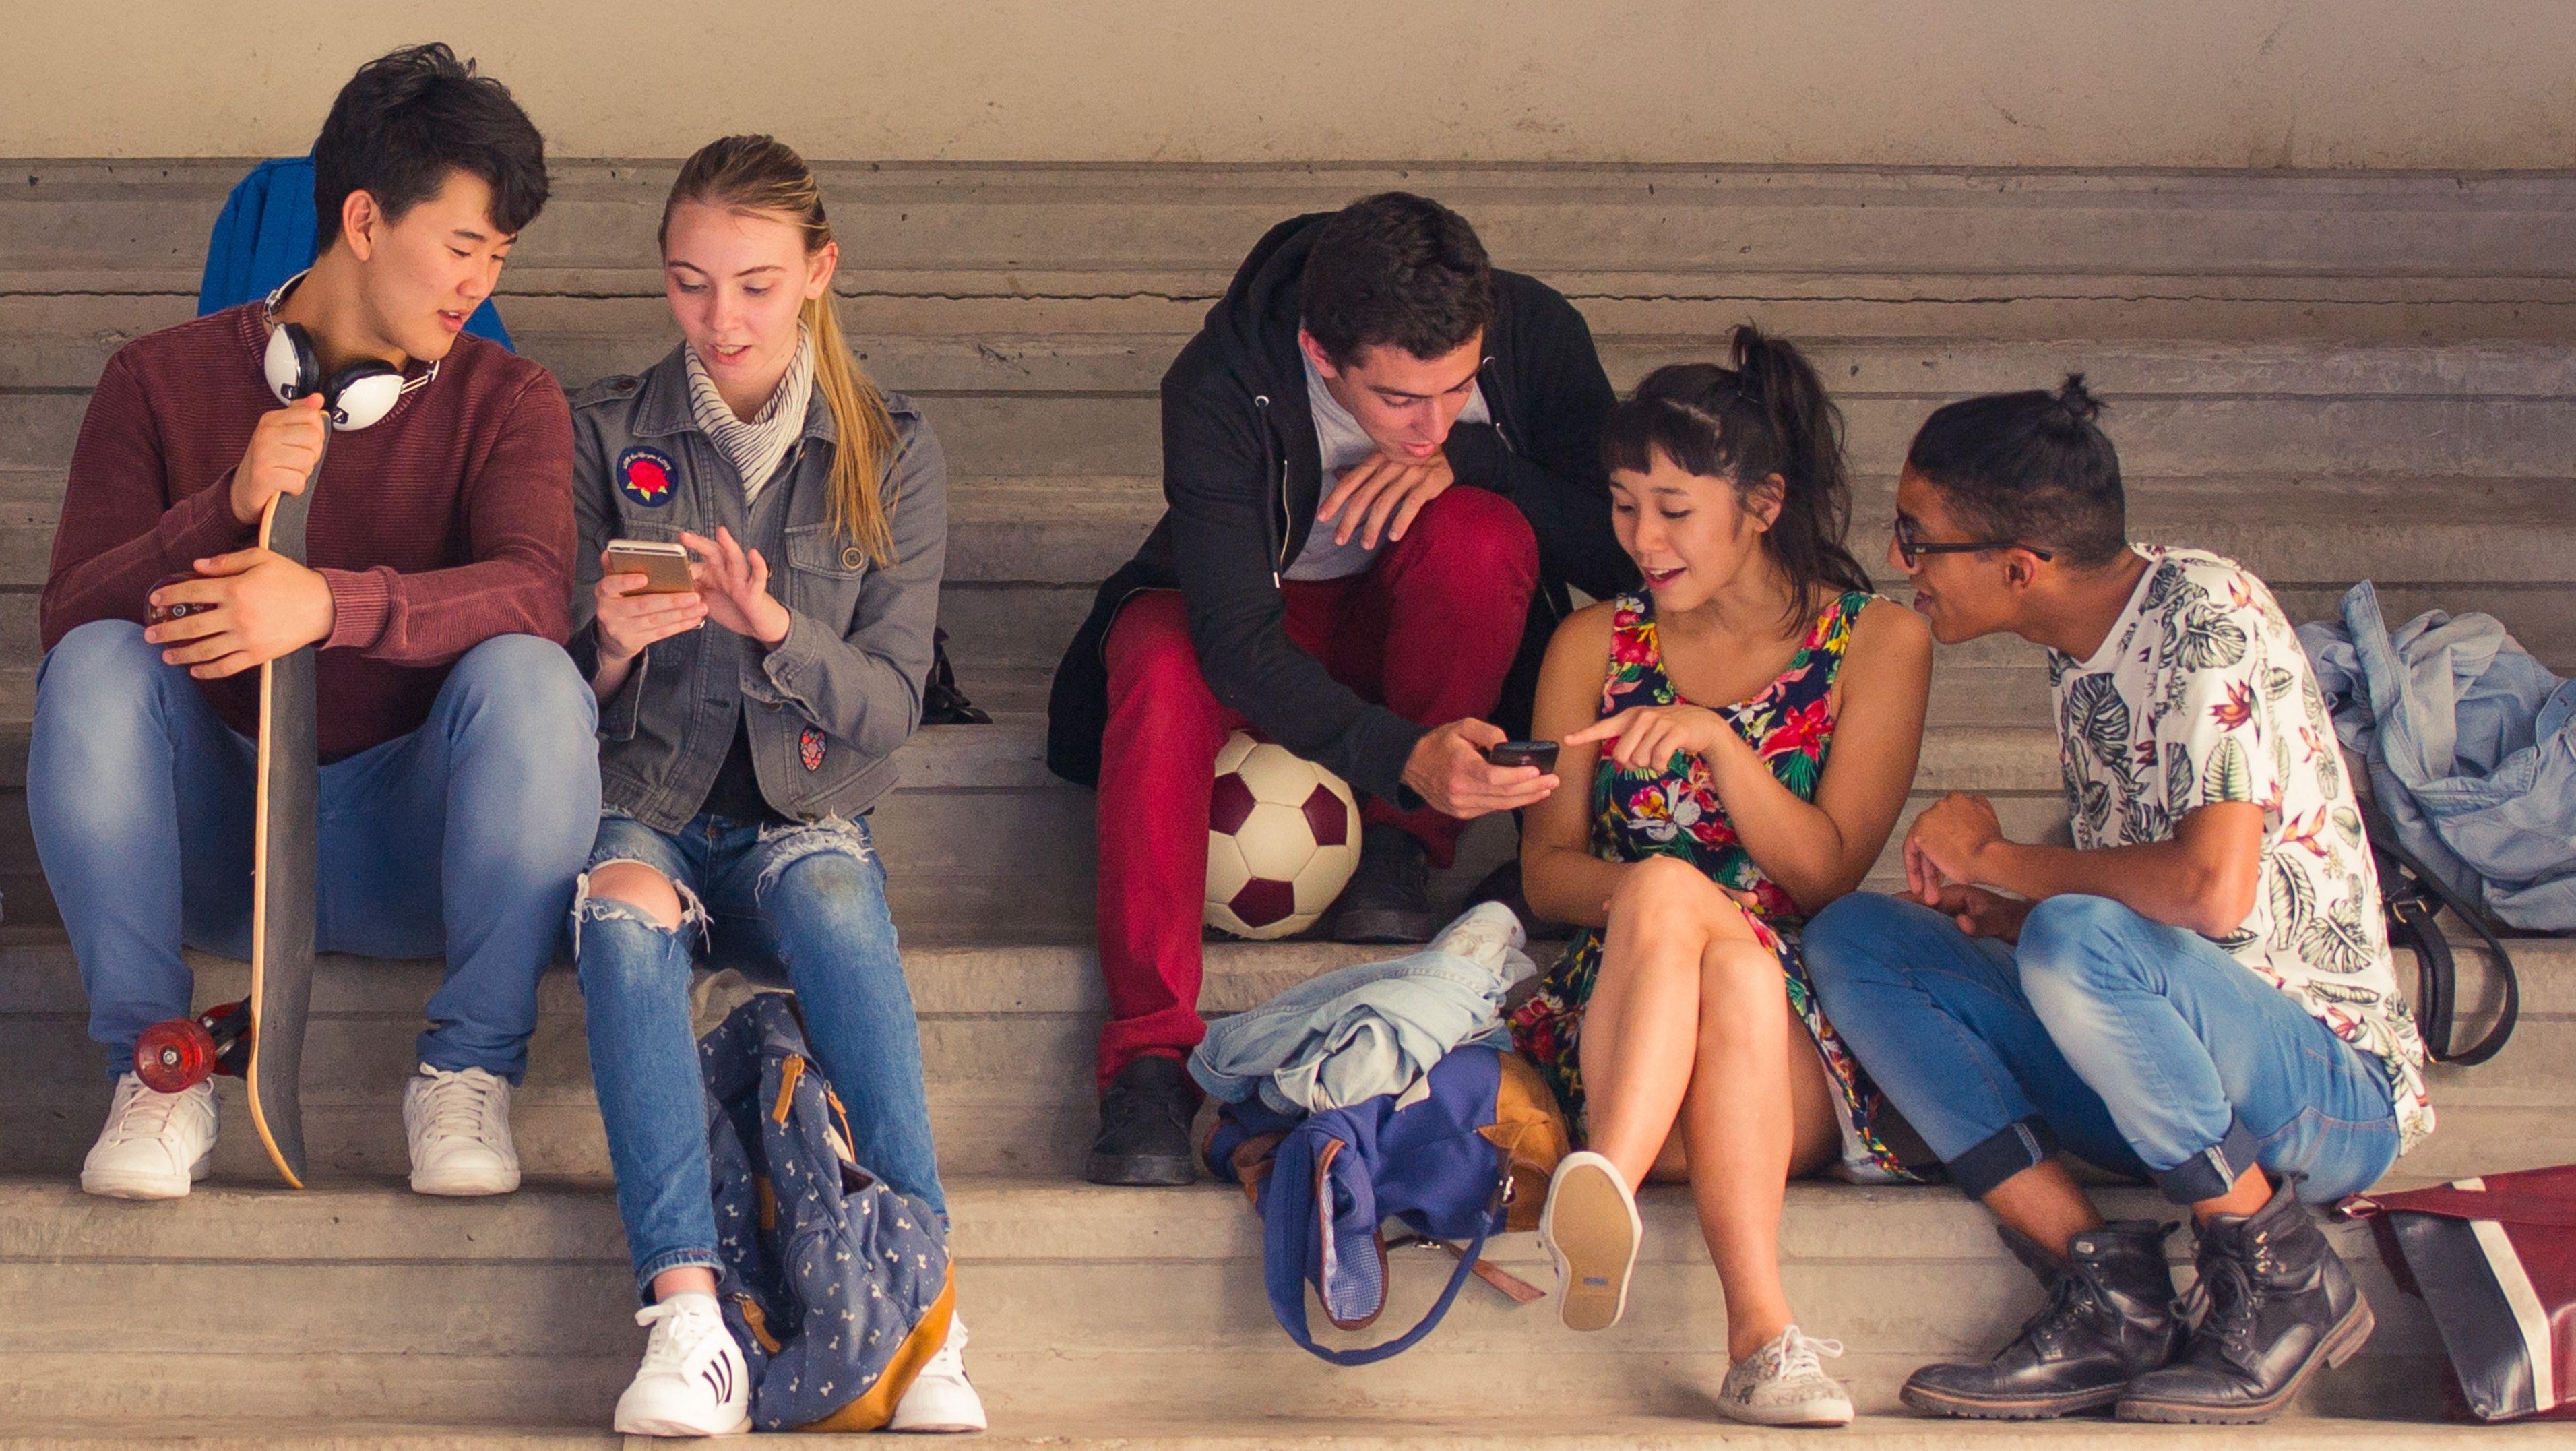 Jugendliche sitzen auf einer Treppe und schauen auf Smartphones.